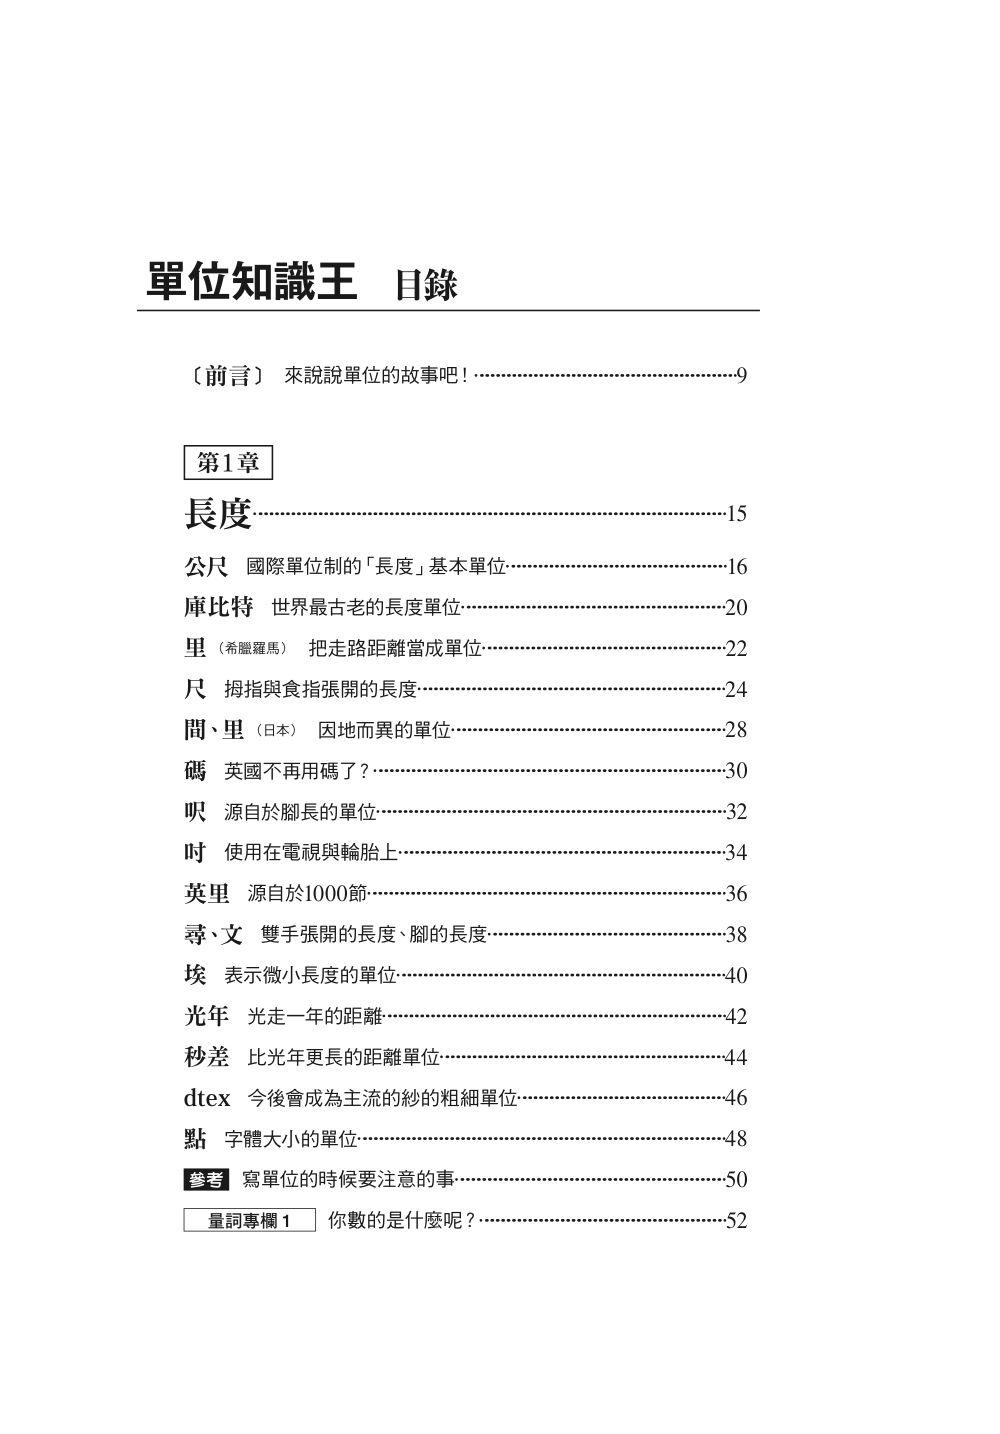 http://im2.book.com.tw/image/getImage?i=http://www.books.com.tw/img/001/072/00/0010720054_bi_01.jpg&v=576933a6&w=655&h=609